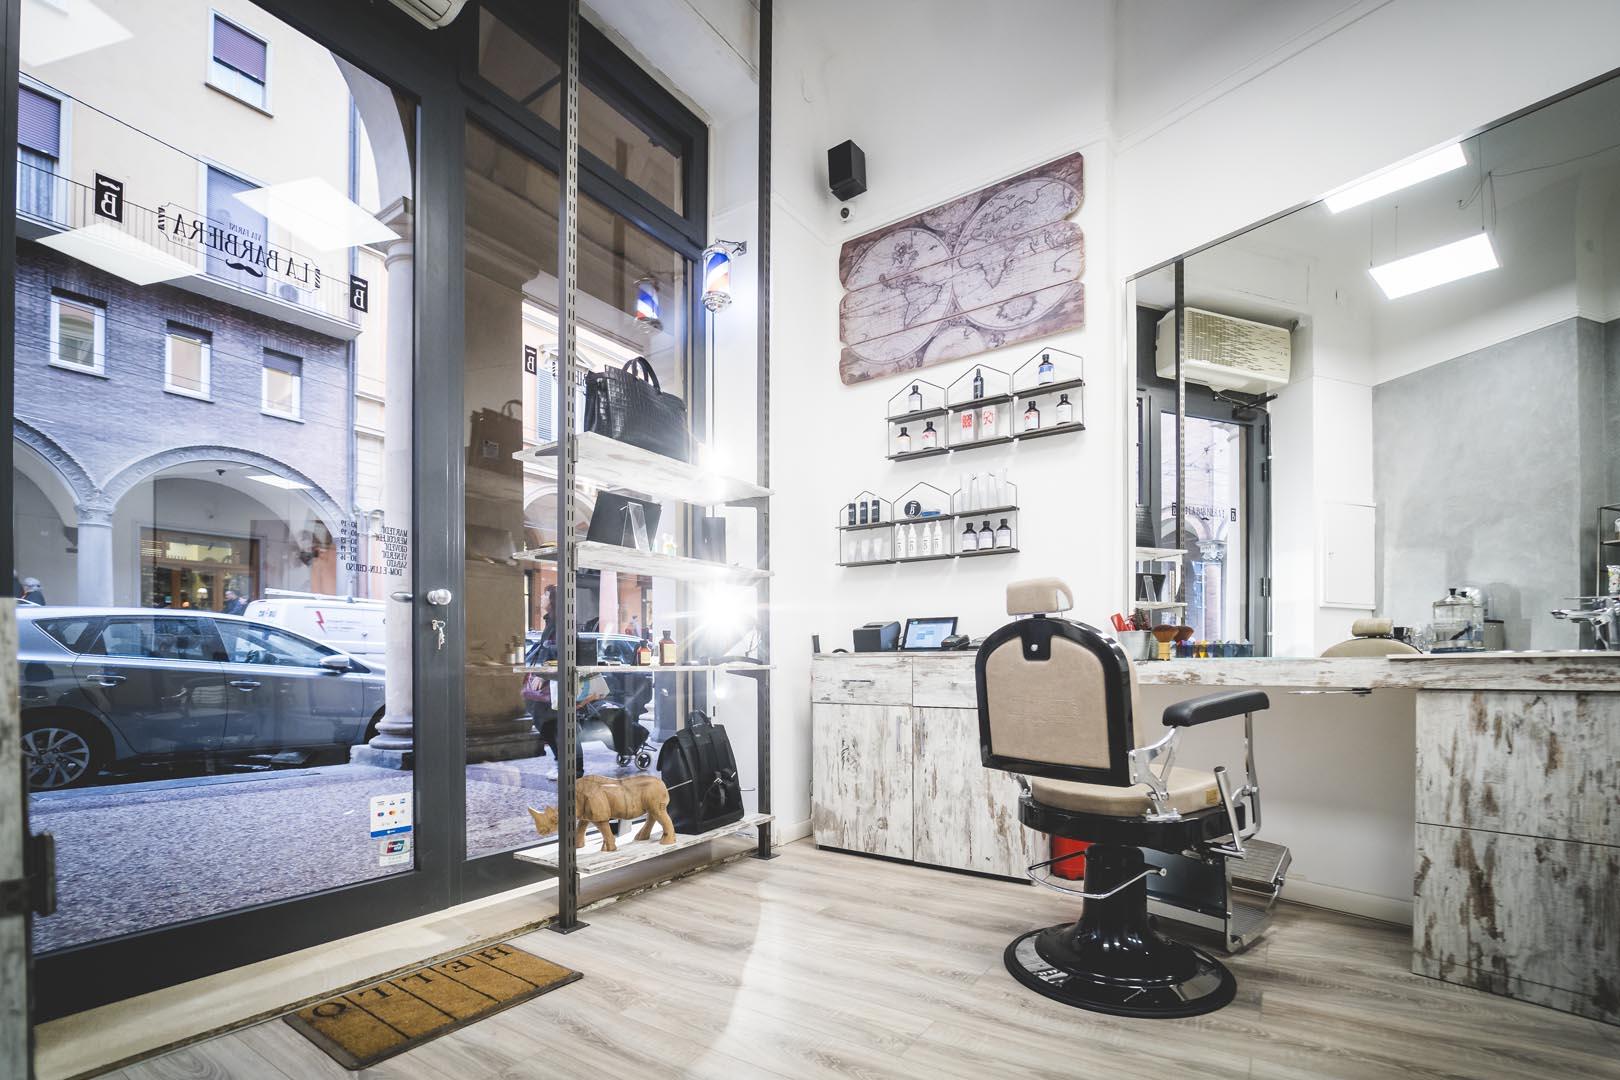 La Barbiera